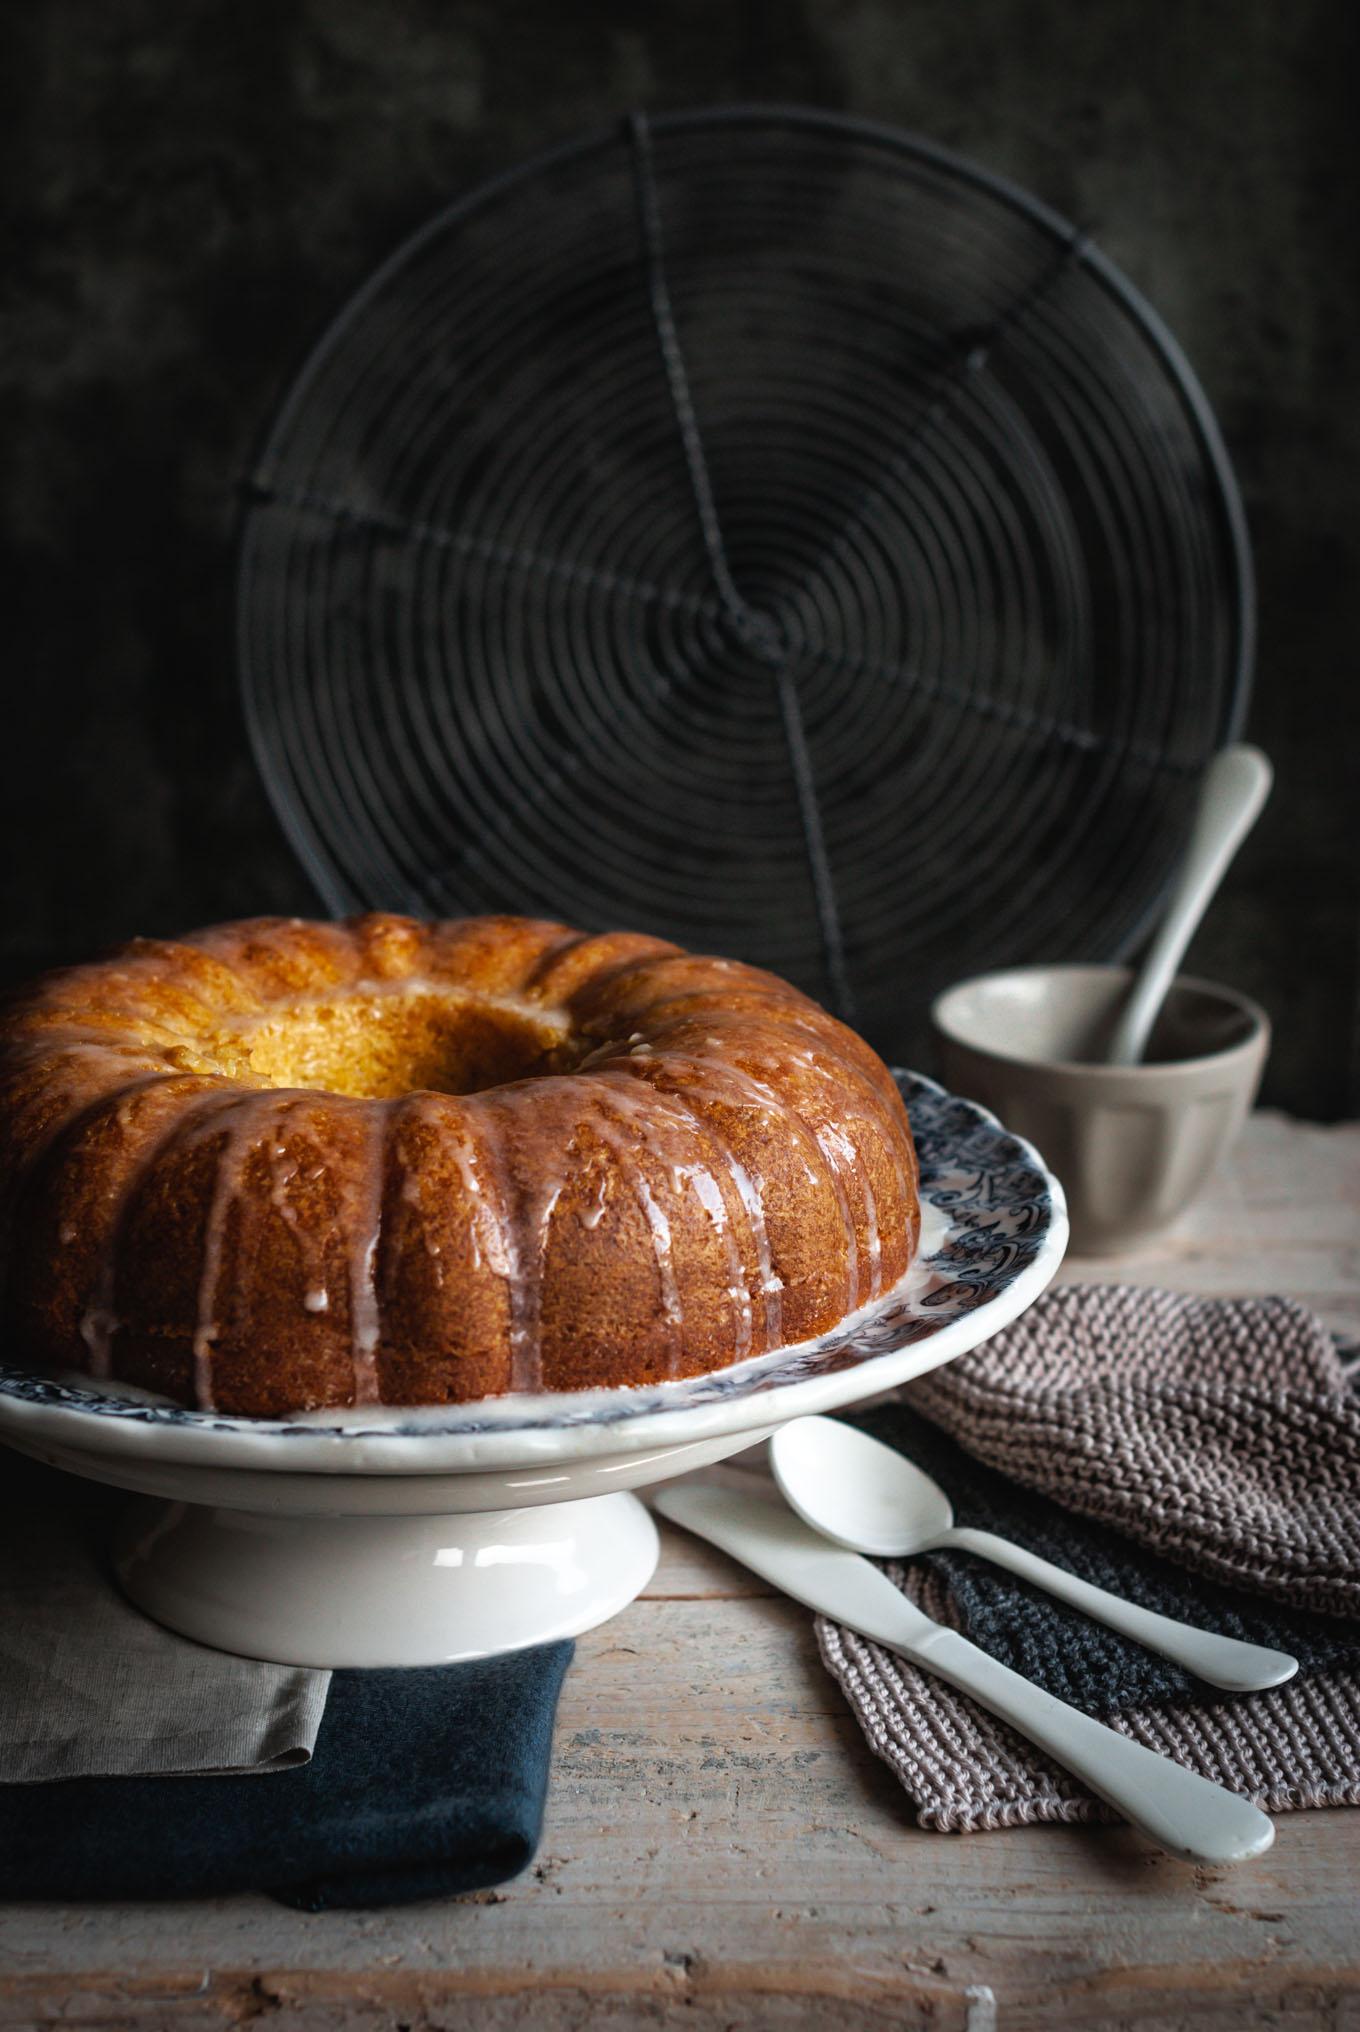 receta del bizcocho de vainilla y ron